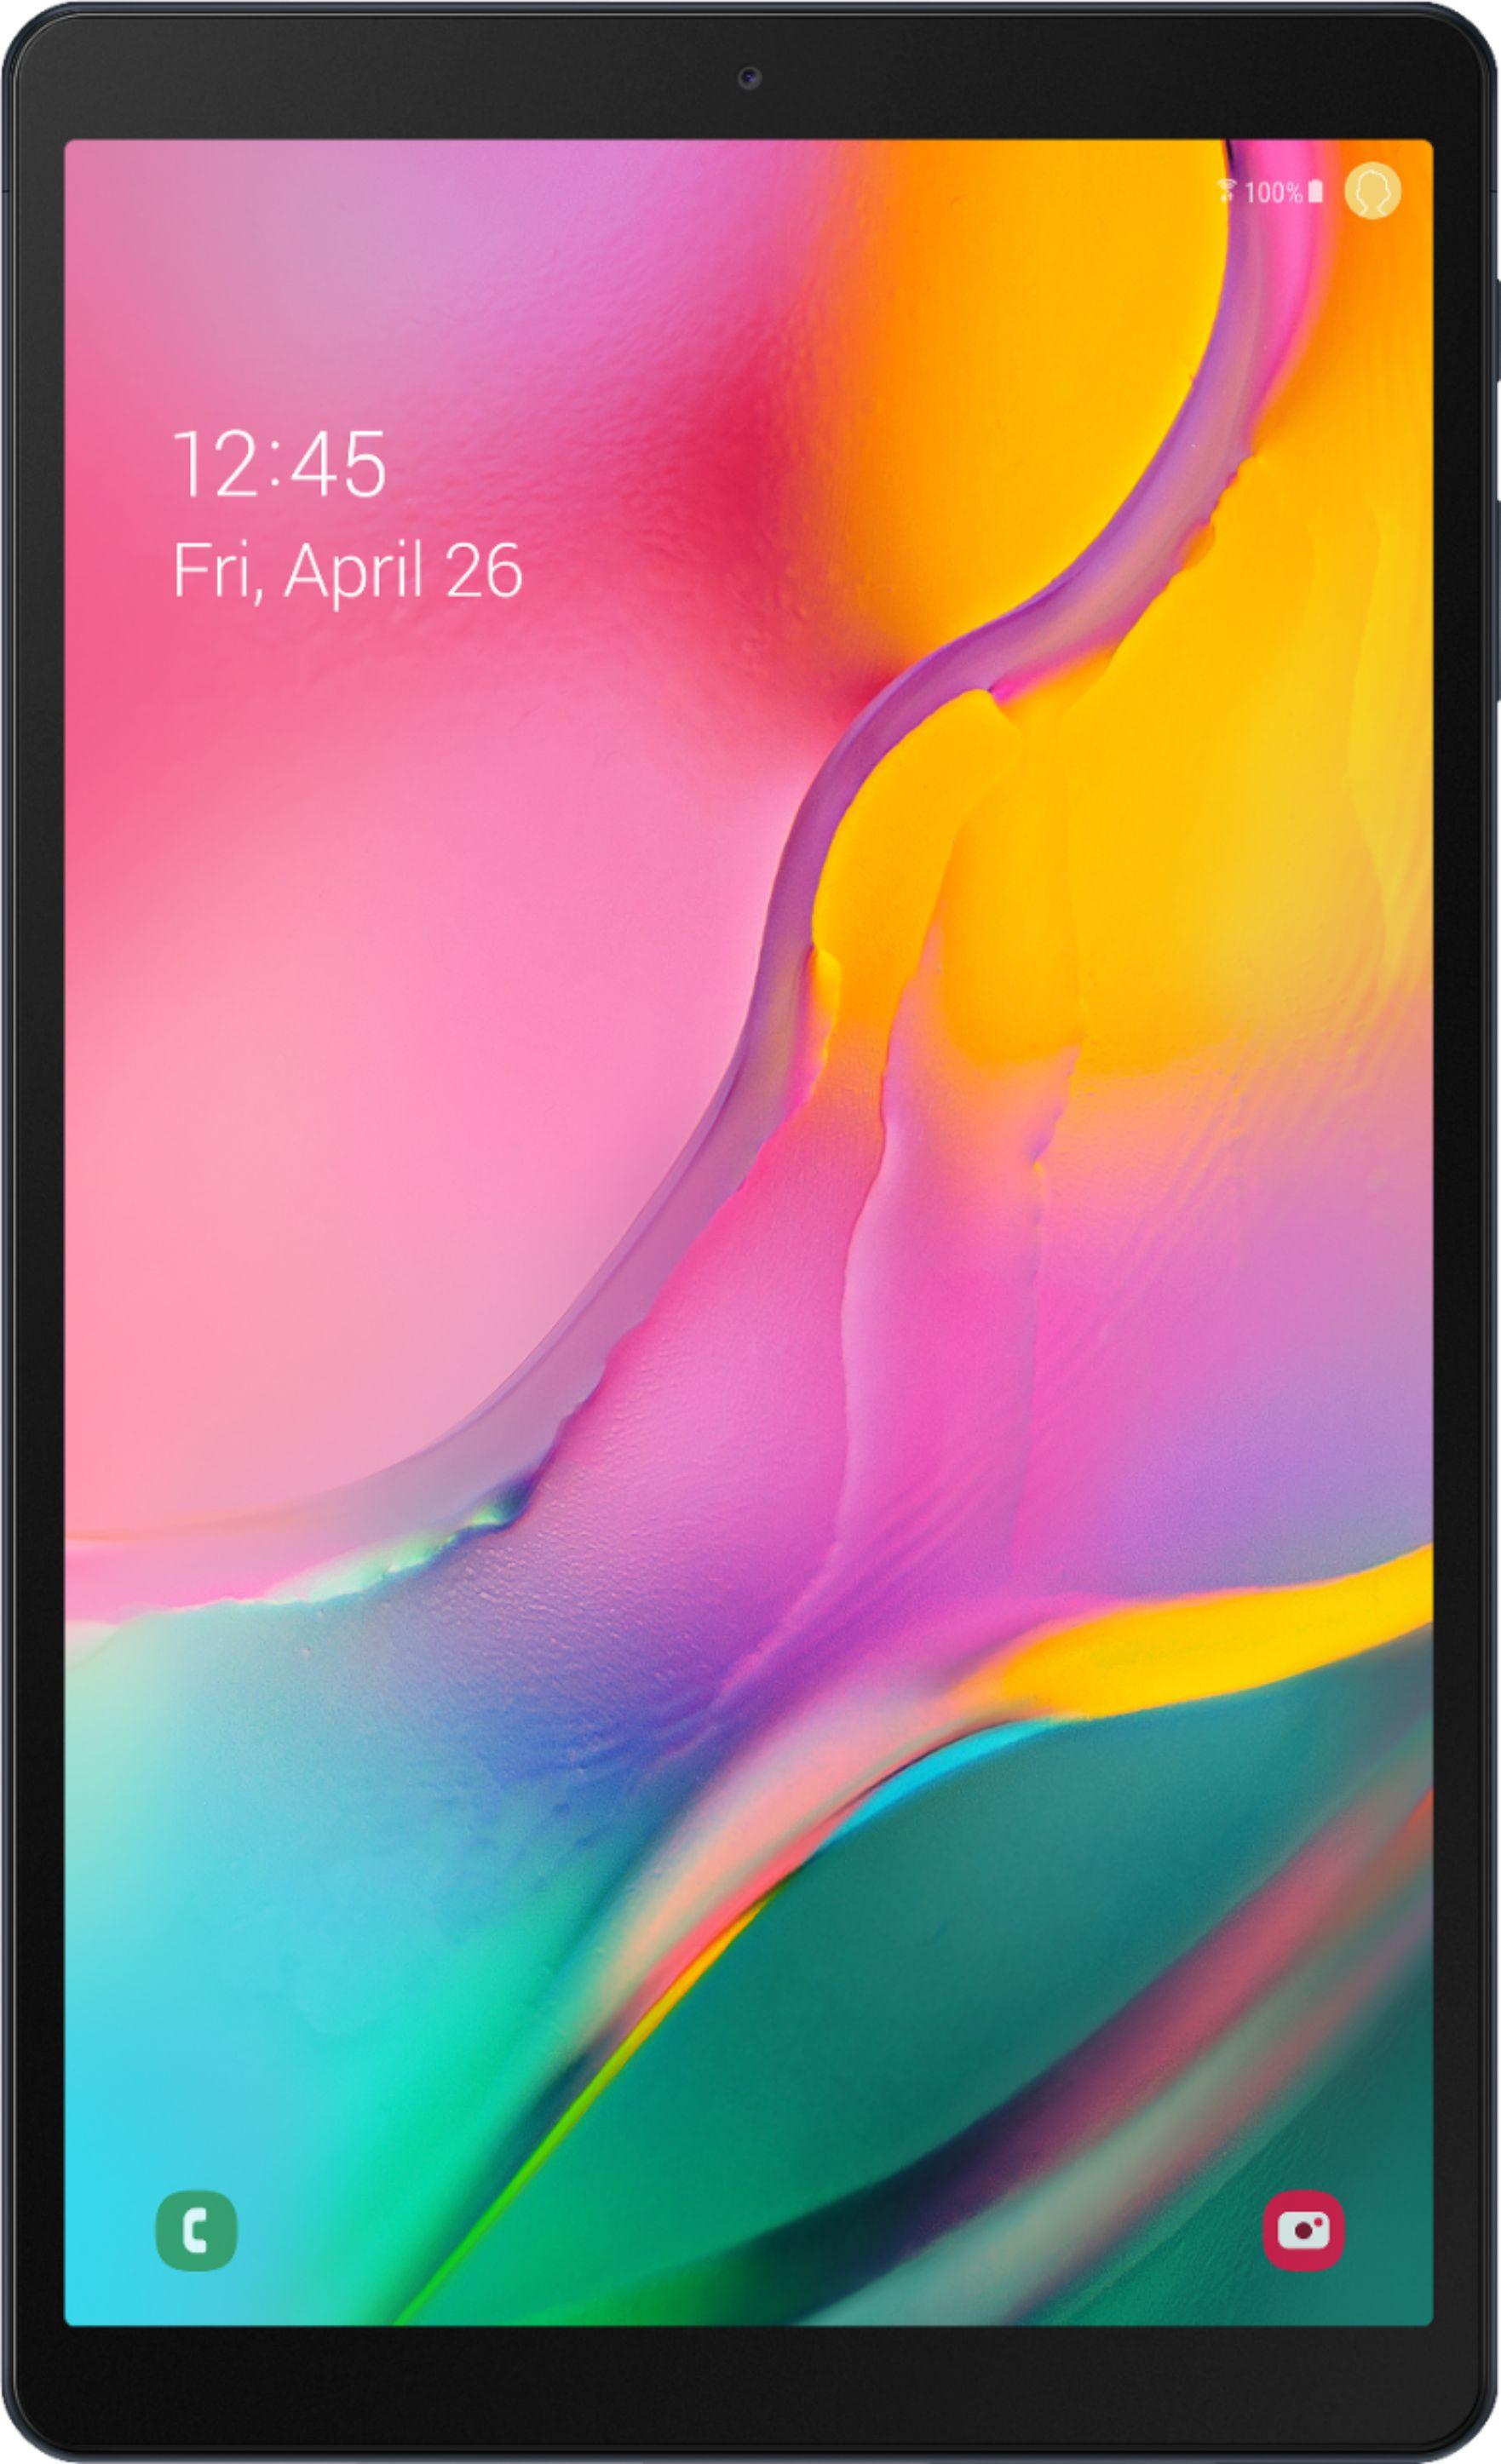 """Samsung Galaxy Tab A (2019) 10.1"""" 128GB Black SM-T510NZKGXAR - Best Buy $179.99"""